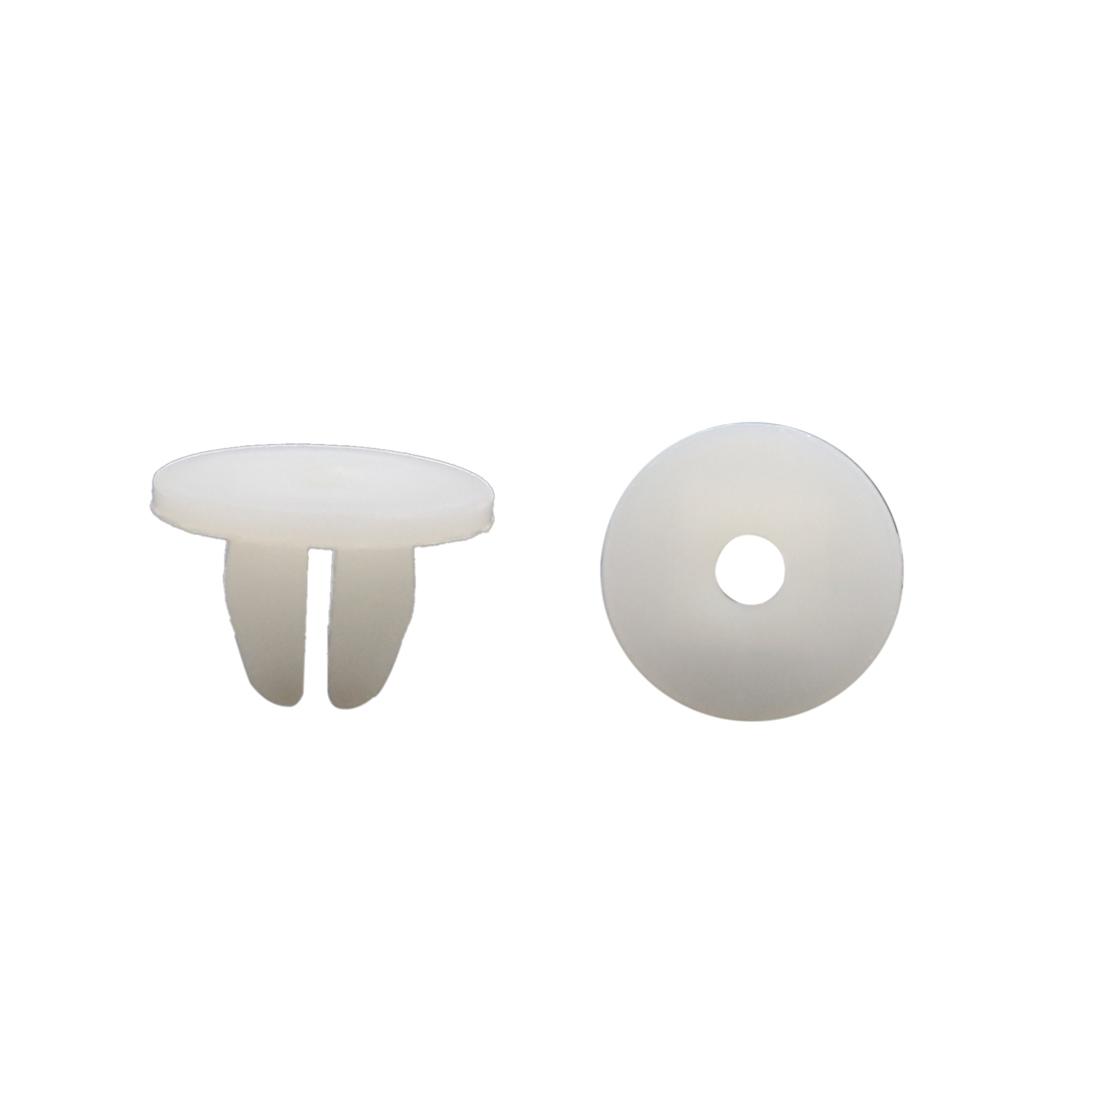 Auto Car Door Fender 8mm Hole Push Plastic Rivets Retainer Clips White 100 Pcs